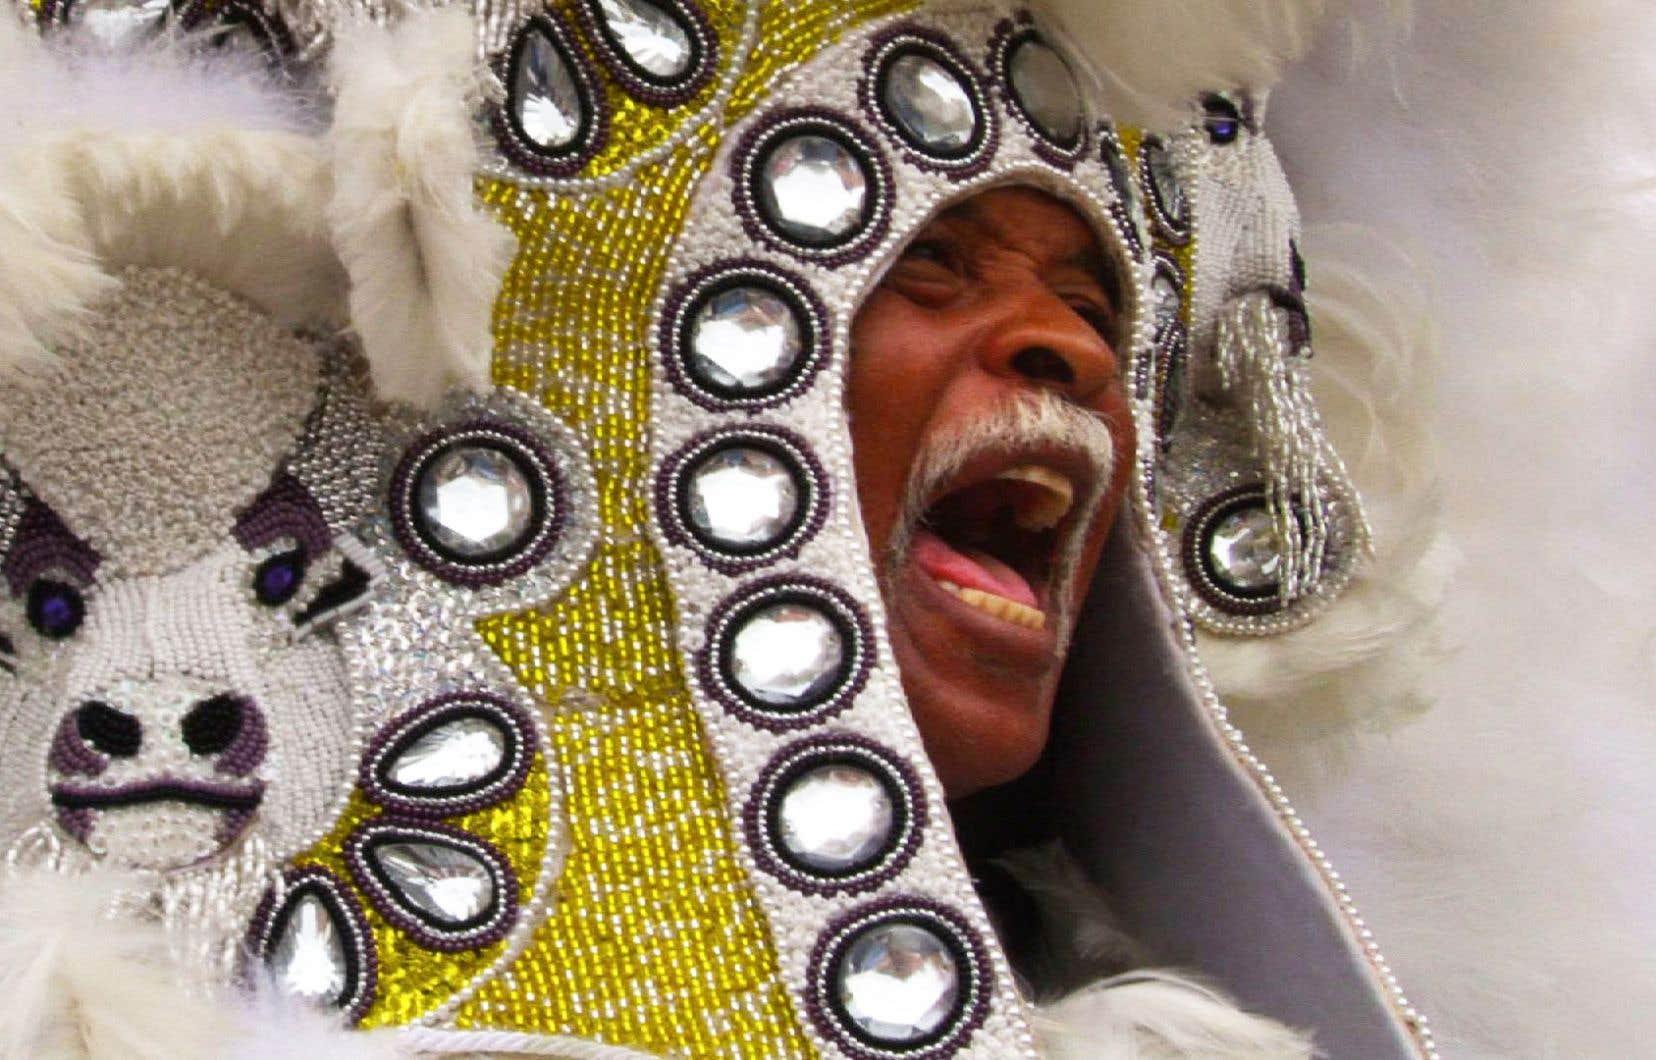 Le Mardis gras autochtone que nous dépeint «Black Indians» s'est installé à La Nouvelle-Orléansdepuis quatre générations, en marge du Mardi gras officiel, autrefois réservé aux seuls Blancs.